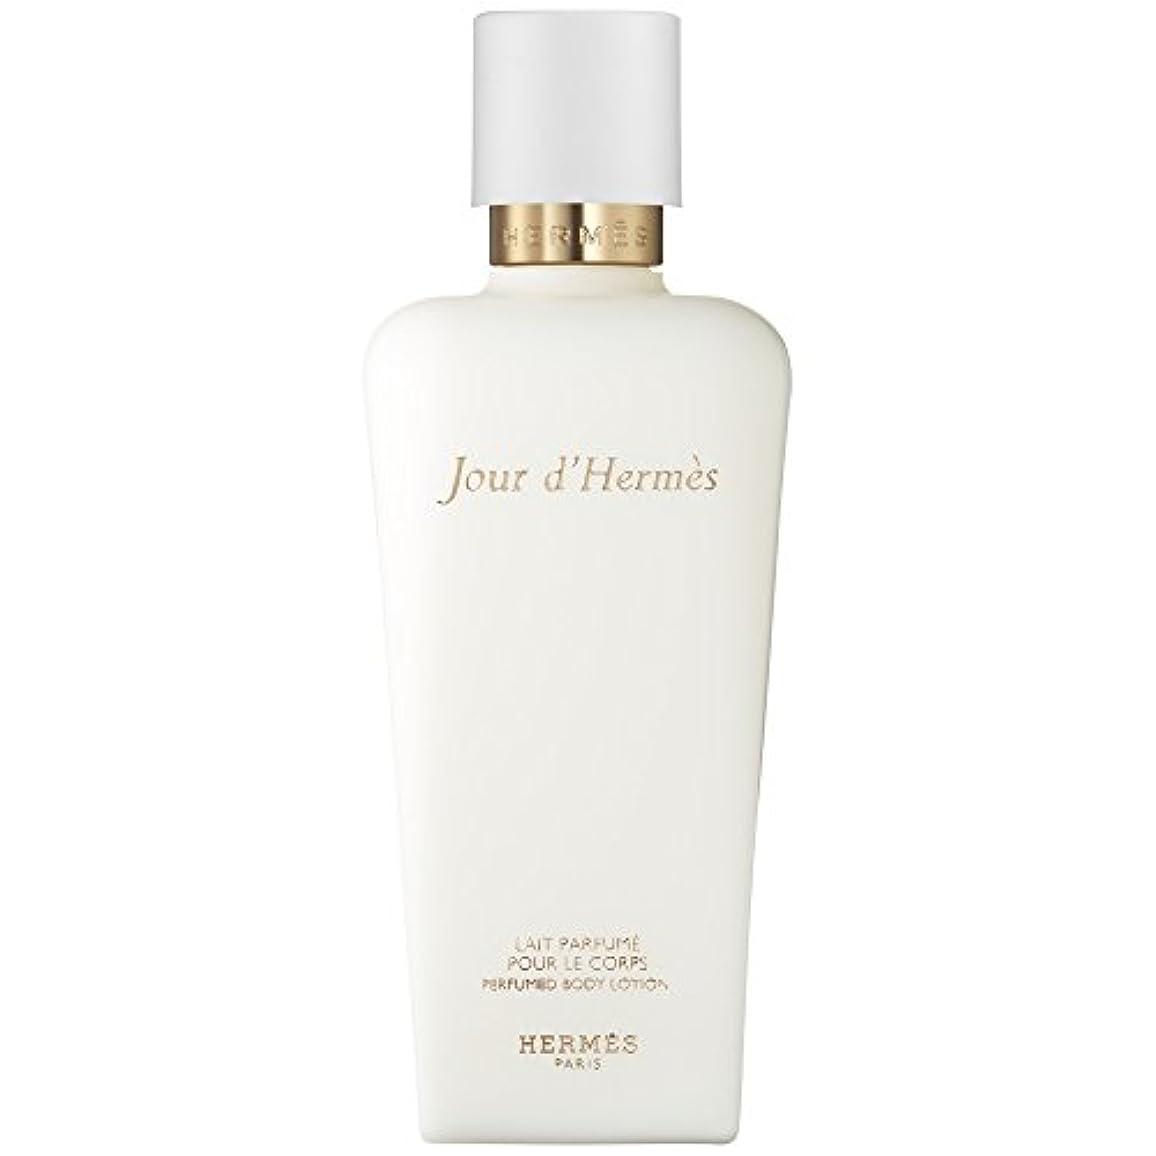 レイアアトム音楽エルメスJourのドールエルメス賦香ボディローション200ミリリットル (HERM?S) (x6) - HERM?S Jour d'Herm?s Perfumed Body Lotion 200ml (Pack of 6...